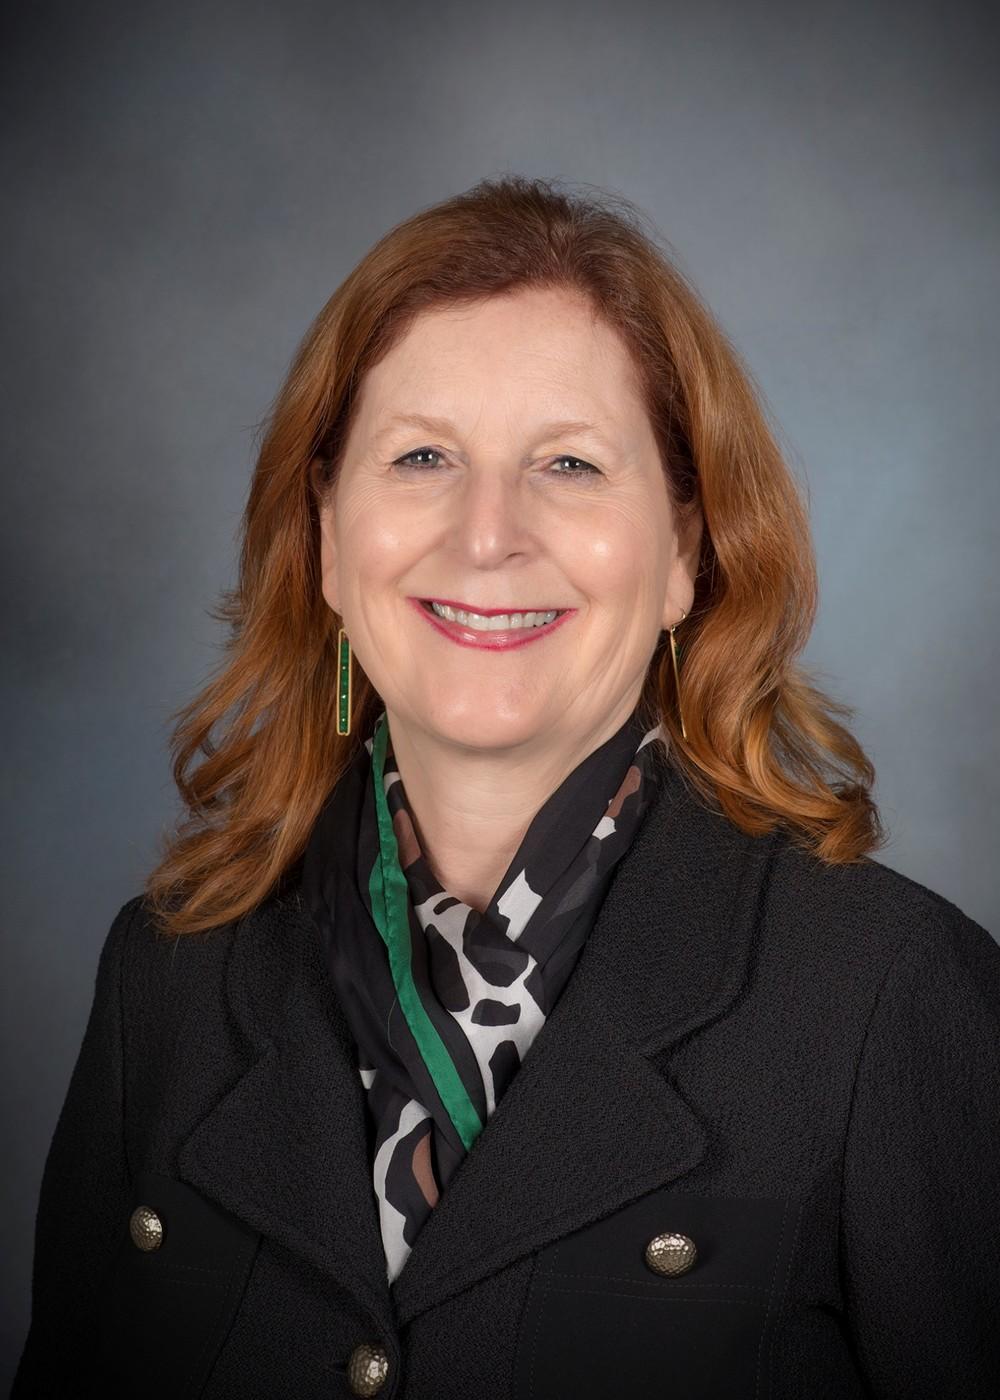 M. Cynthia Logsdon, Ph.D.